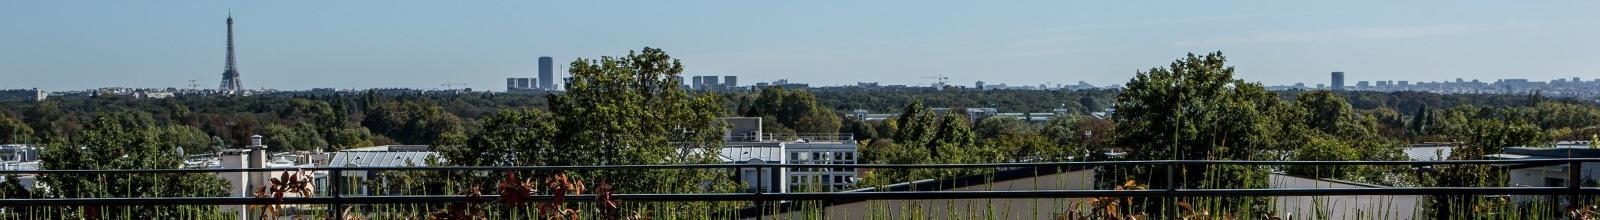 Atrium Hotel Suresnes - View